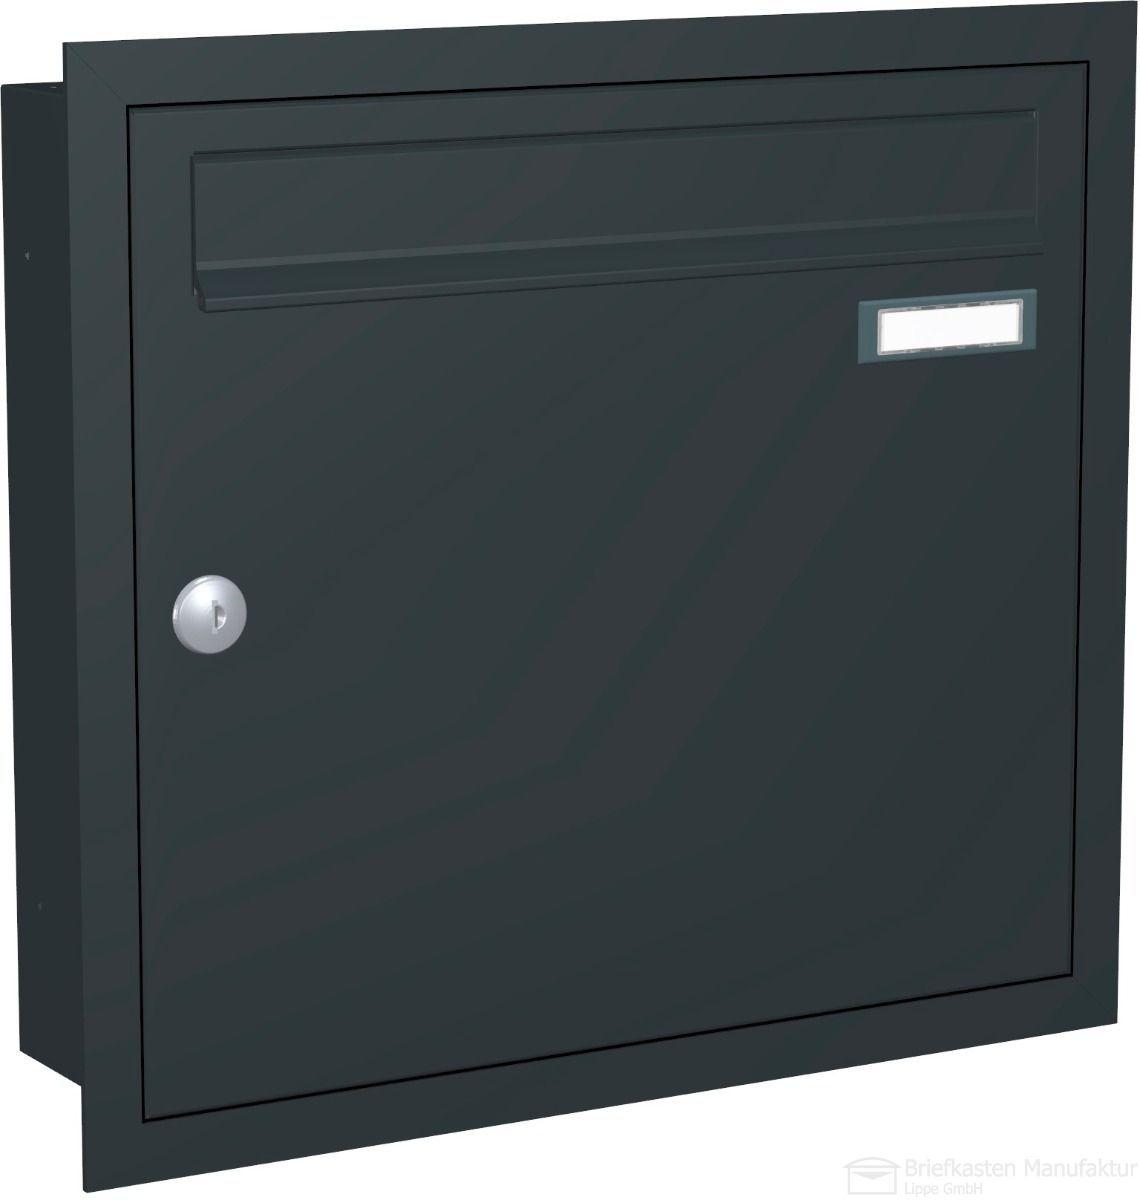 Unterputz Briefkasten CLASSIC 534 UP 1 Partei in RAL 7016 anthrazitgrau feinstruktur matt